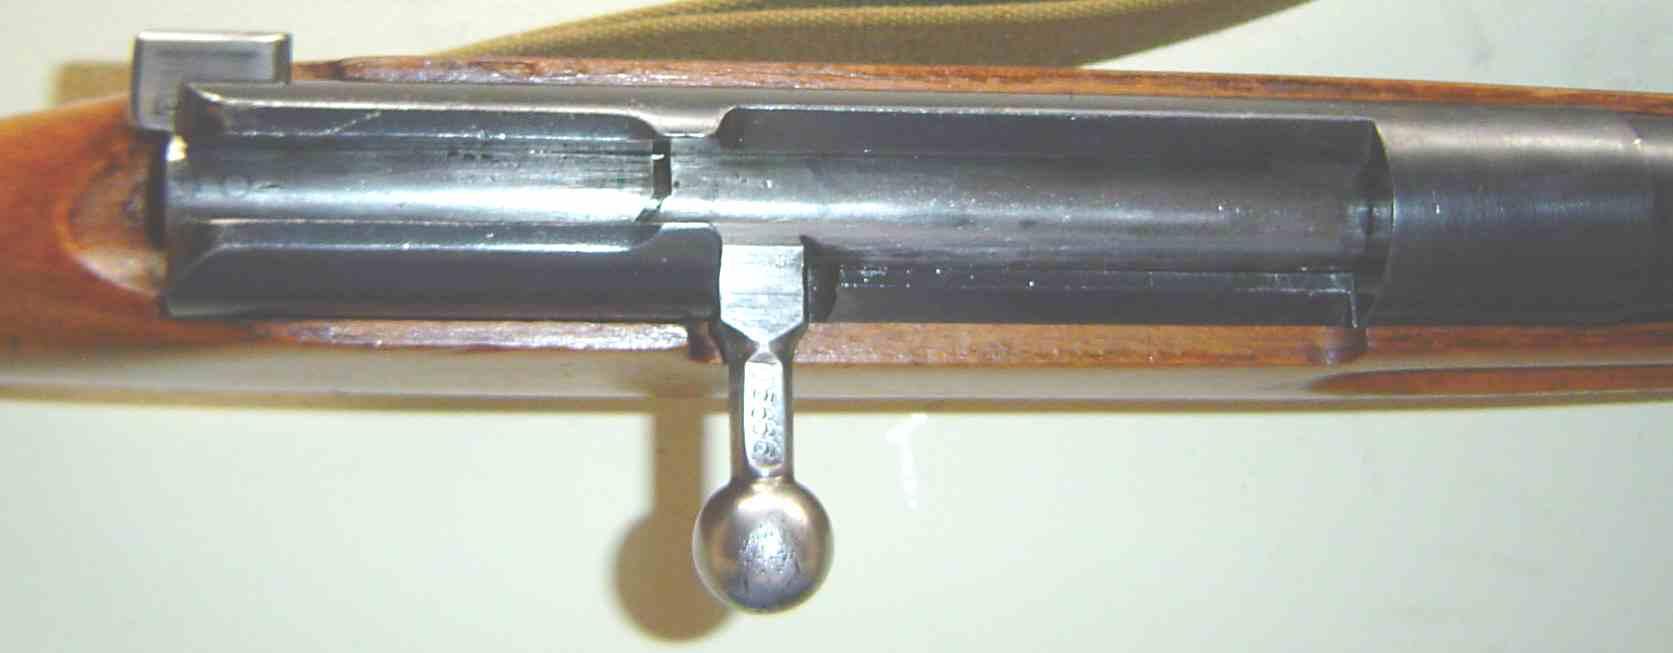 Avis sur carabine Moisin Nagant WZ 48.  Mosin22-5